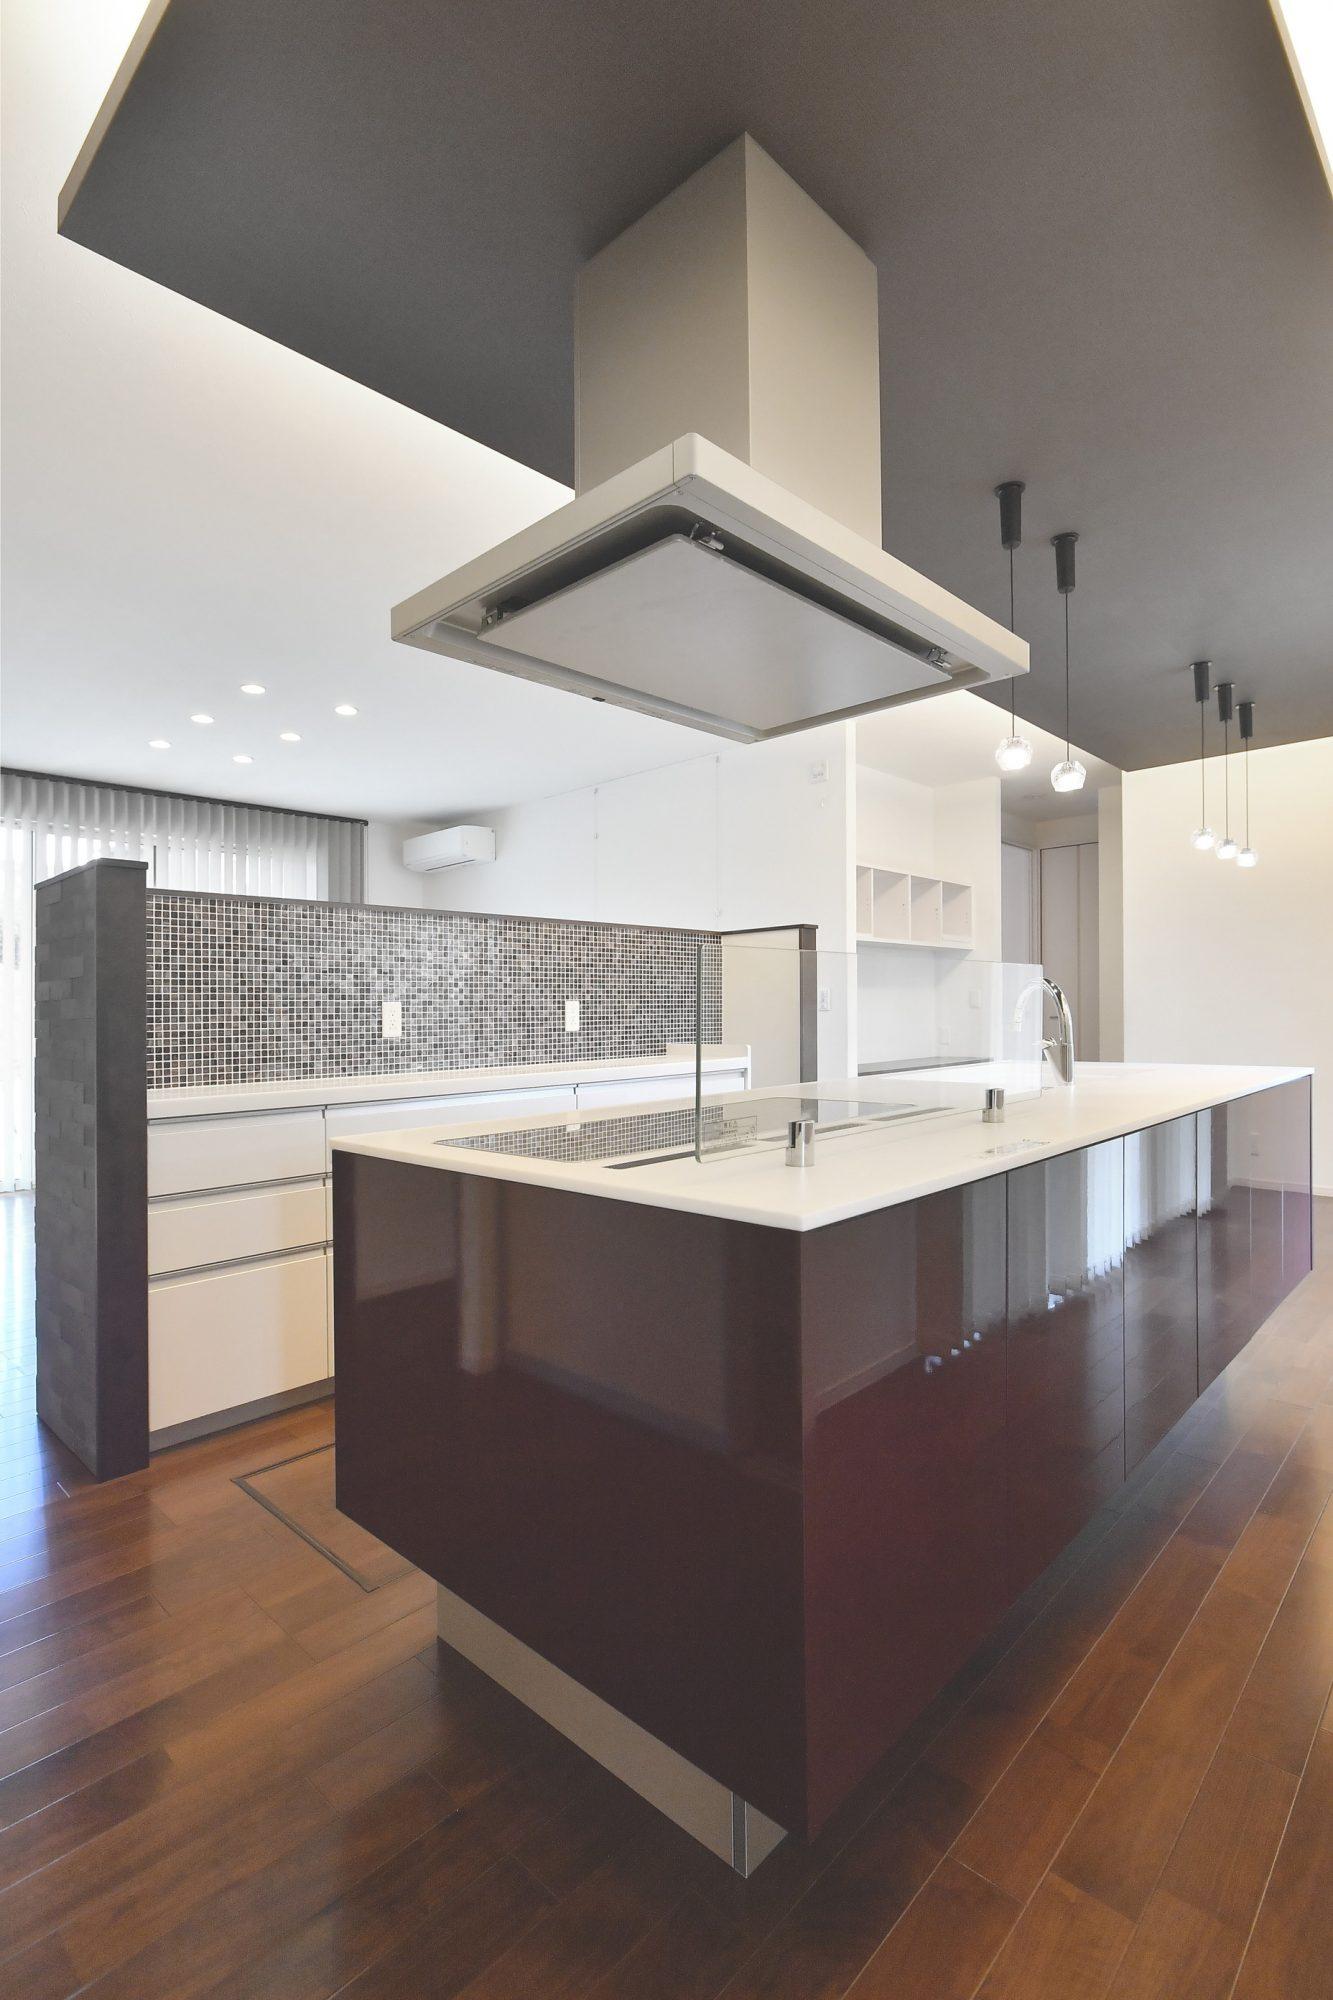 敢えてリビングに背を向けた位置にキッチンがあります。パナソニック「ラクシーナフロートタイプ」が採用されており宙に浮いたデザインとなっています。また、キッチン背面は収納となっていて様々なものが収納可能です!